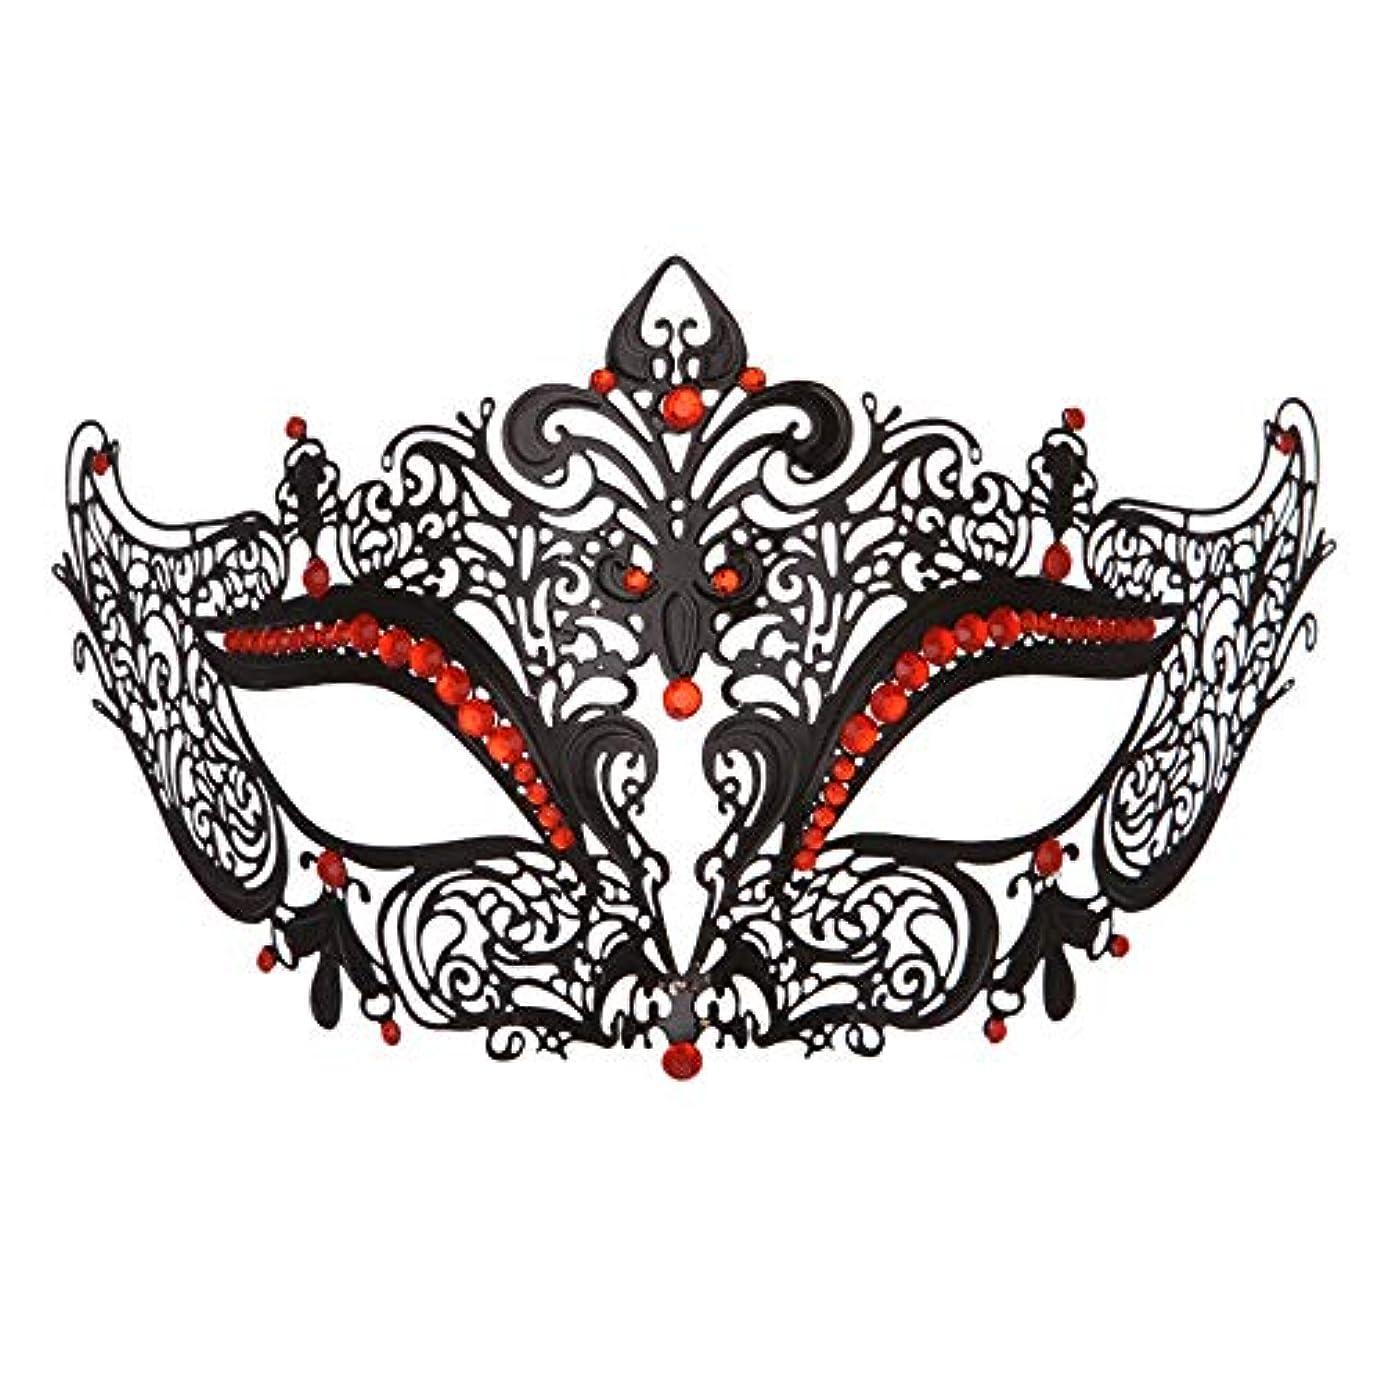 元に戻すスチュワード裏切りダンスマスク 高級金属鉄マスク女性美少女中空ハーフフェイスファッションナイトクラブパーティー仮面舞踏会マスク ホリデーパーティー用品 (色 : 赤, サイズ : 19x8cm)